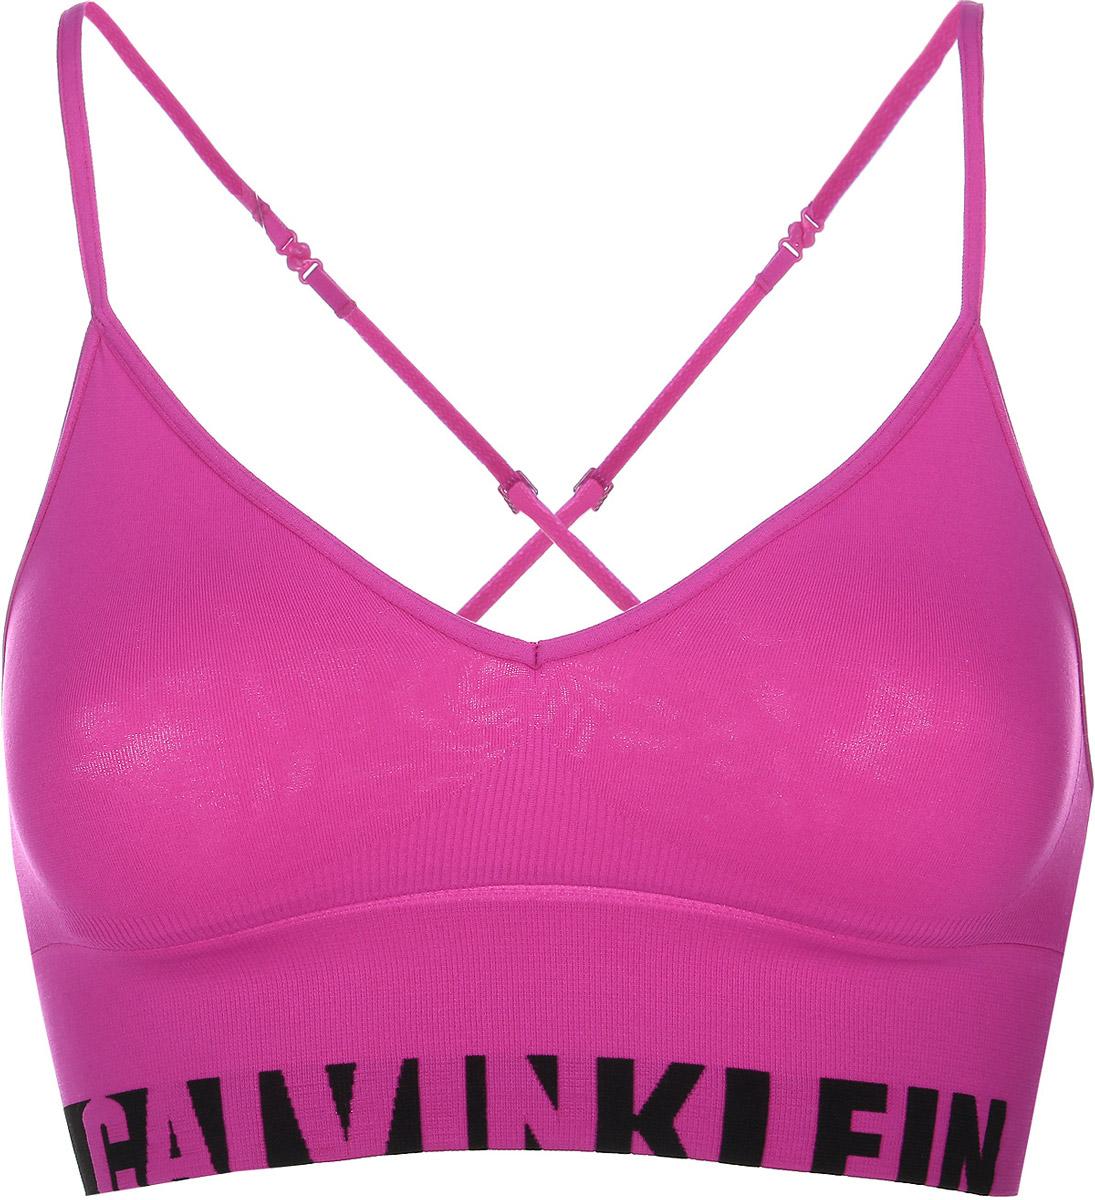 QF1567E_100Удобный и практичный топ-бра Calvin Klein Underwear, выполненный из высококачественного эластичного полиамида с добавлением эластана идеально подойдет для повседневной носки, а также для активного отдыха. Модель на бретелях имеет широкий эластичный пояс, который обеспечивает бережную поддержку. Узкие несъемные бретельки надежно фиксируют топ на плечах и регулируются по длине. Топ оформлен контрастным принтом с надписью бренда. Такая модель подарит вам комфорт в течение дня и станет отличным дополнением к вашему спортивному гардеробу.